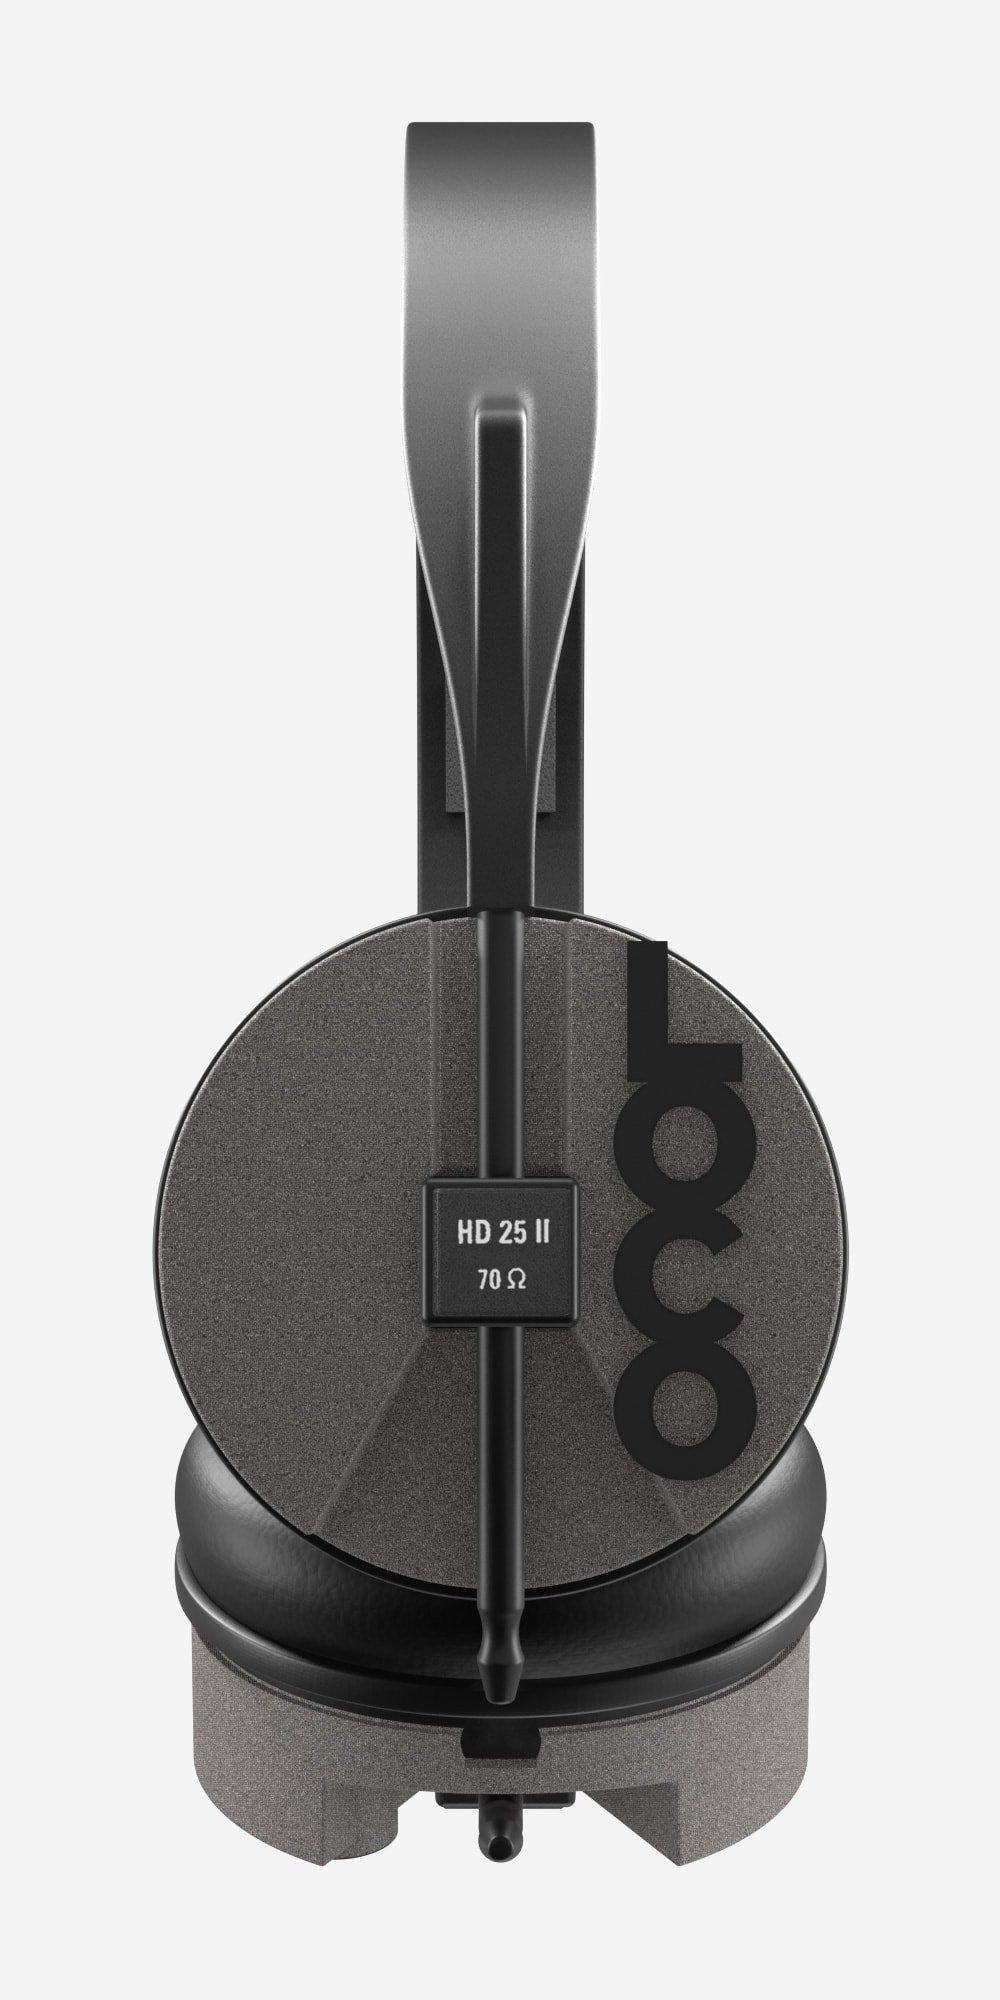 LOCO Sennheiser HD25 light branding PRO customised personalised dj headphones